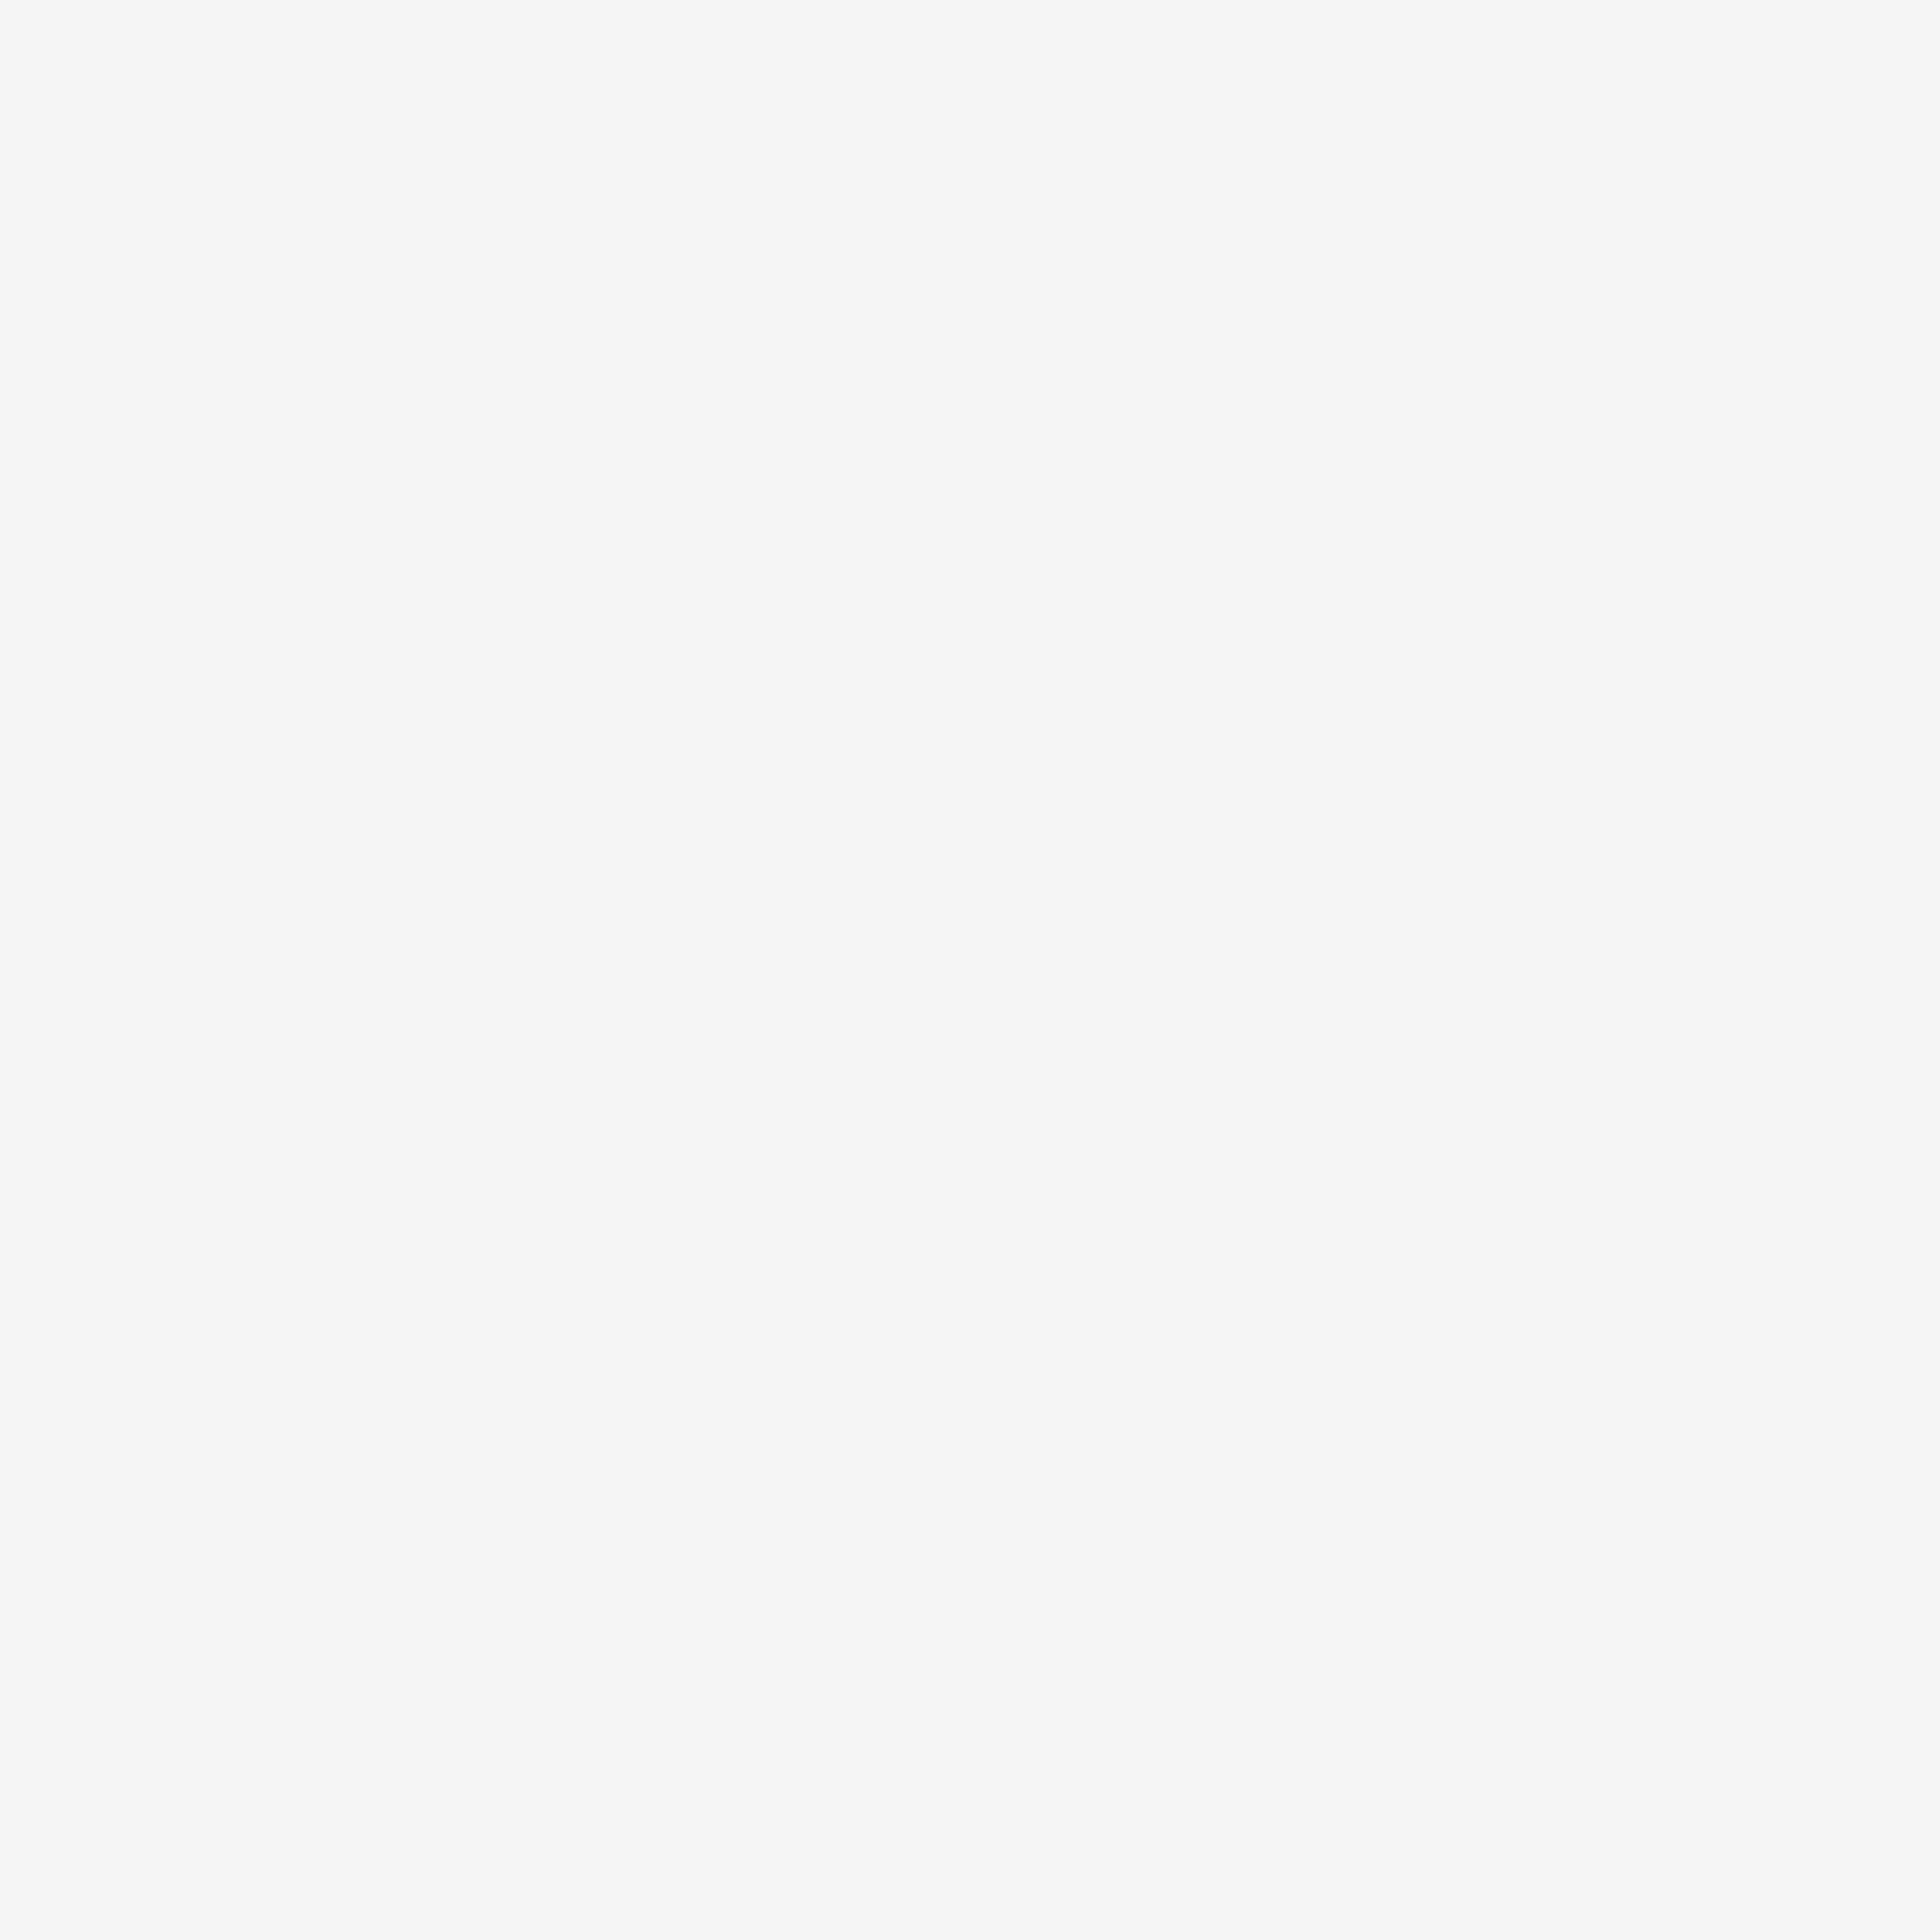 Nike Odyssey Réagit Chaussure De Course iQBDT